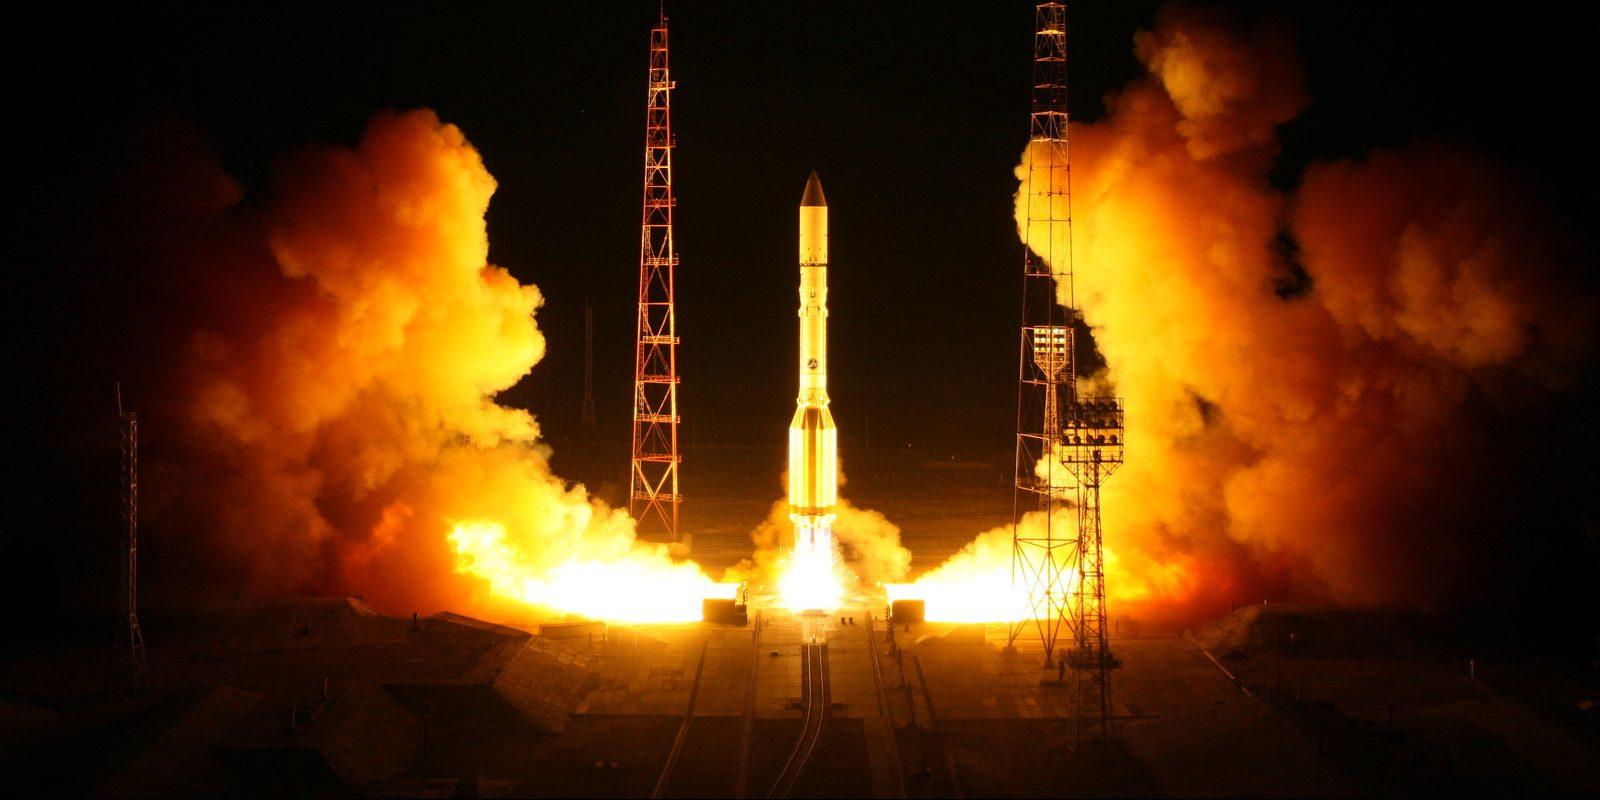 Proton-M launch (2017-08-17)